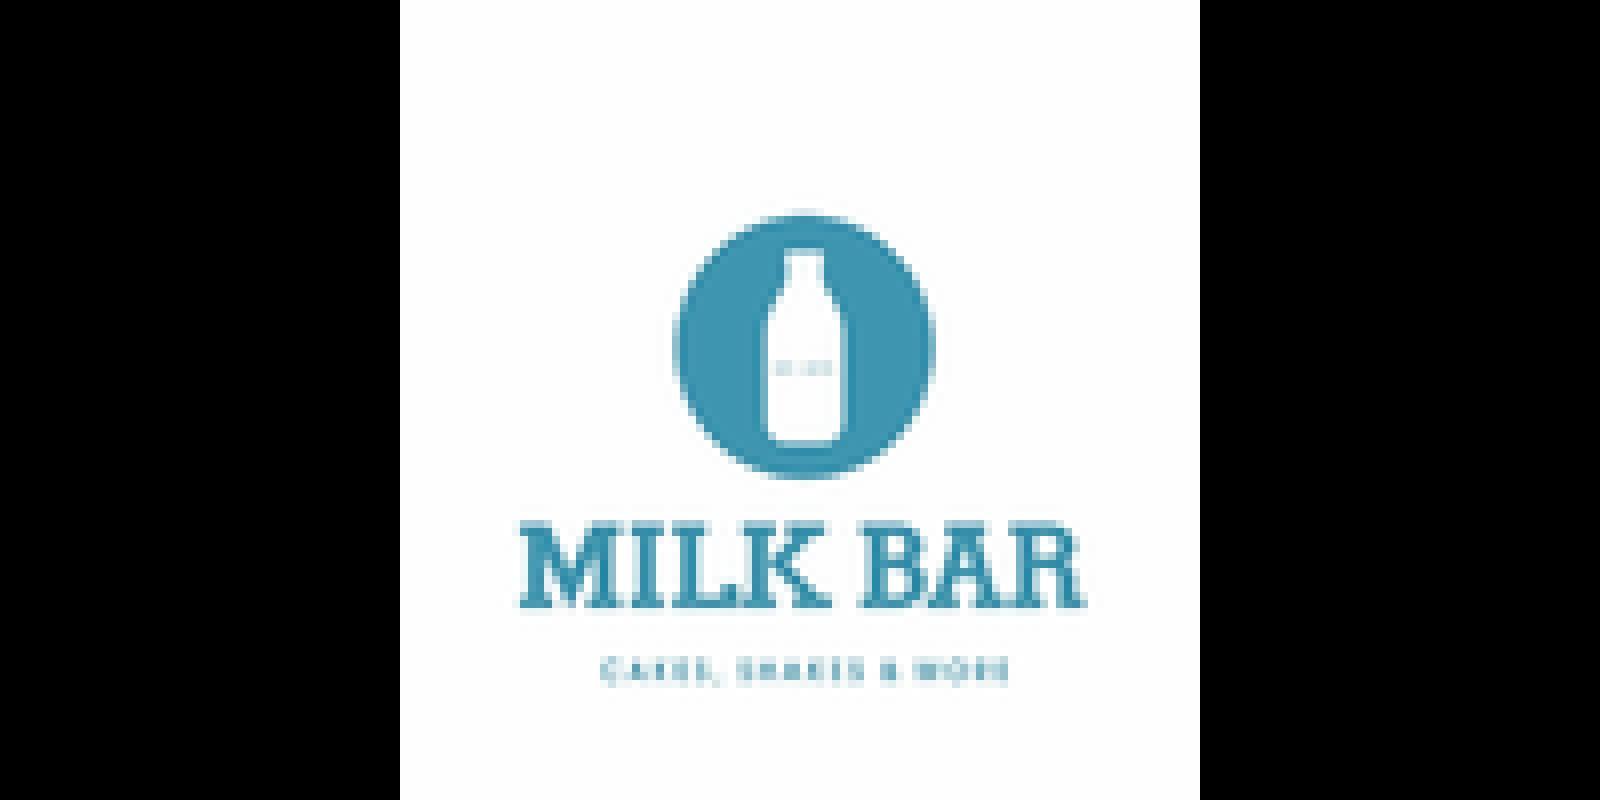 Мы ищем прекрасную Хостесс в нашу кондитерскую — Milk Bar